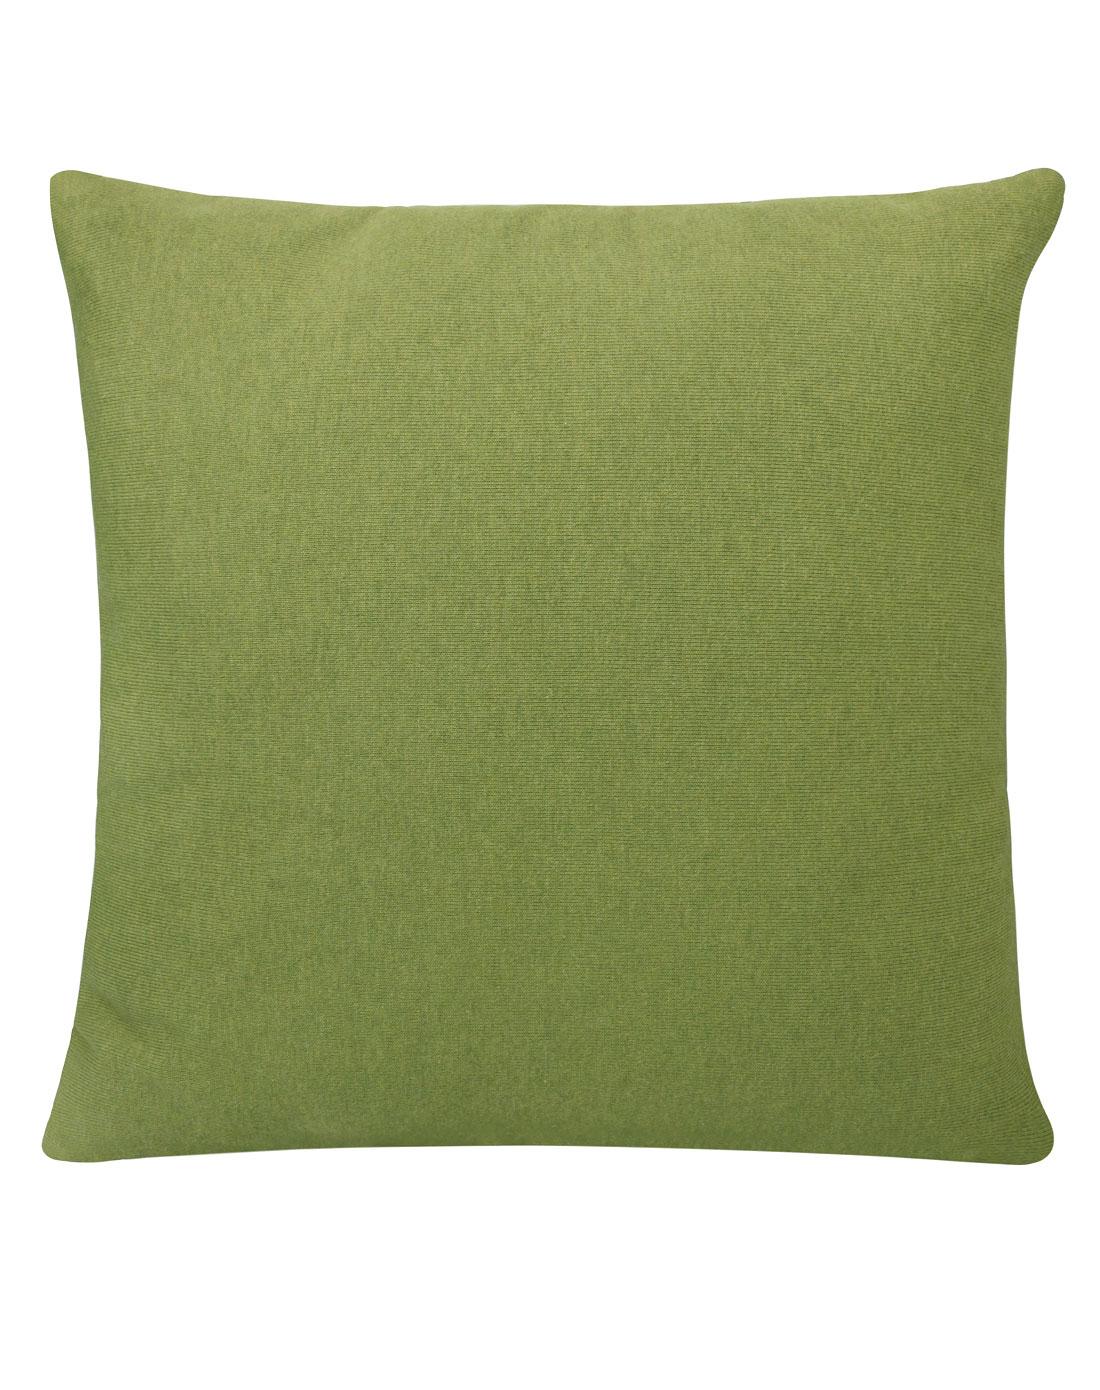 基本生活emoi绿白条纹针织抱枕p0001124_唯品会